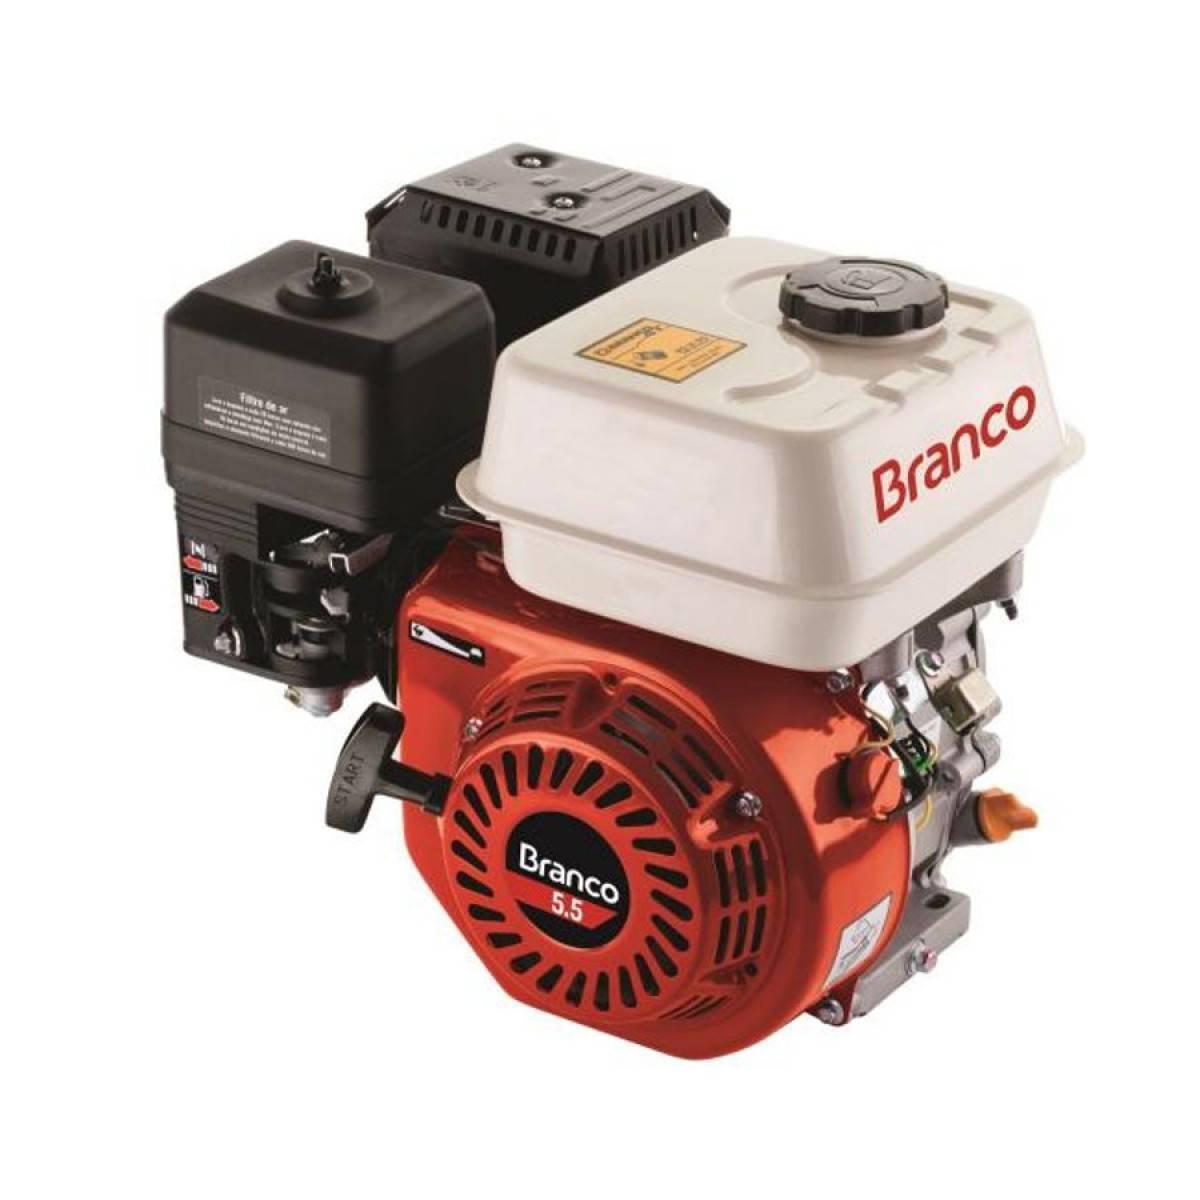 Motor Branco Gasolina B4T 5,5CV Eixo Horizontal, em PROMOÇÃO - BSS Maquinas